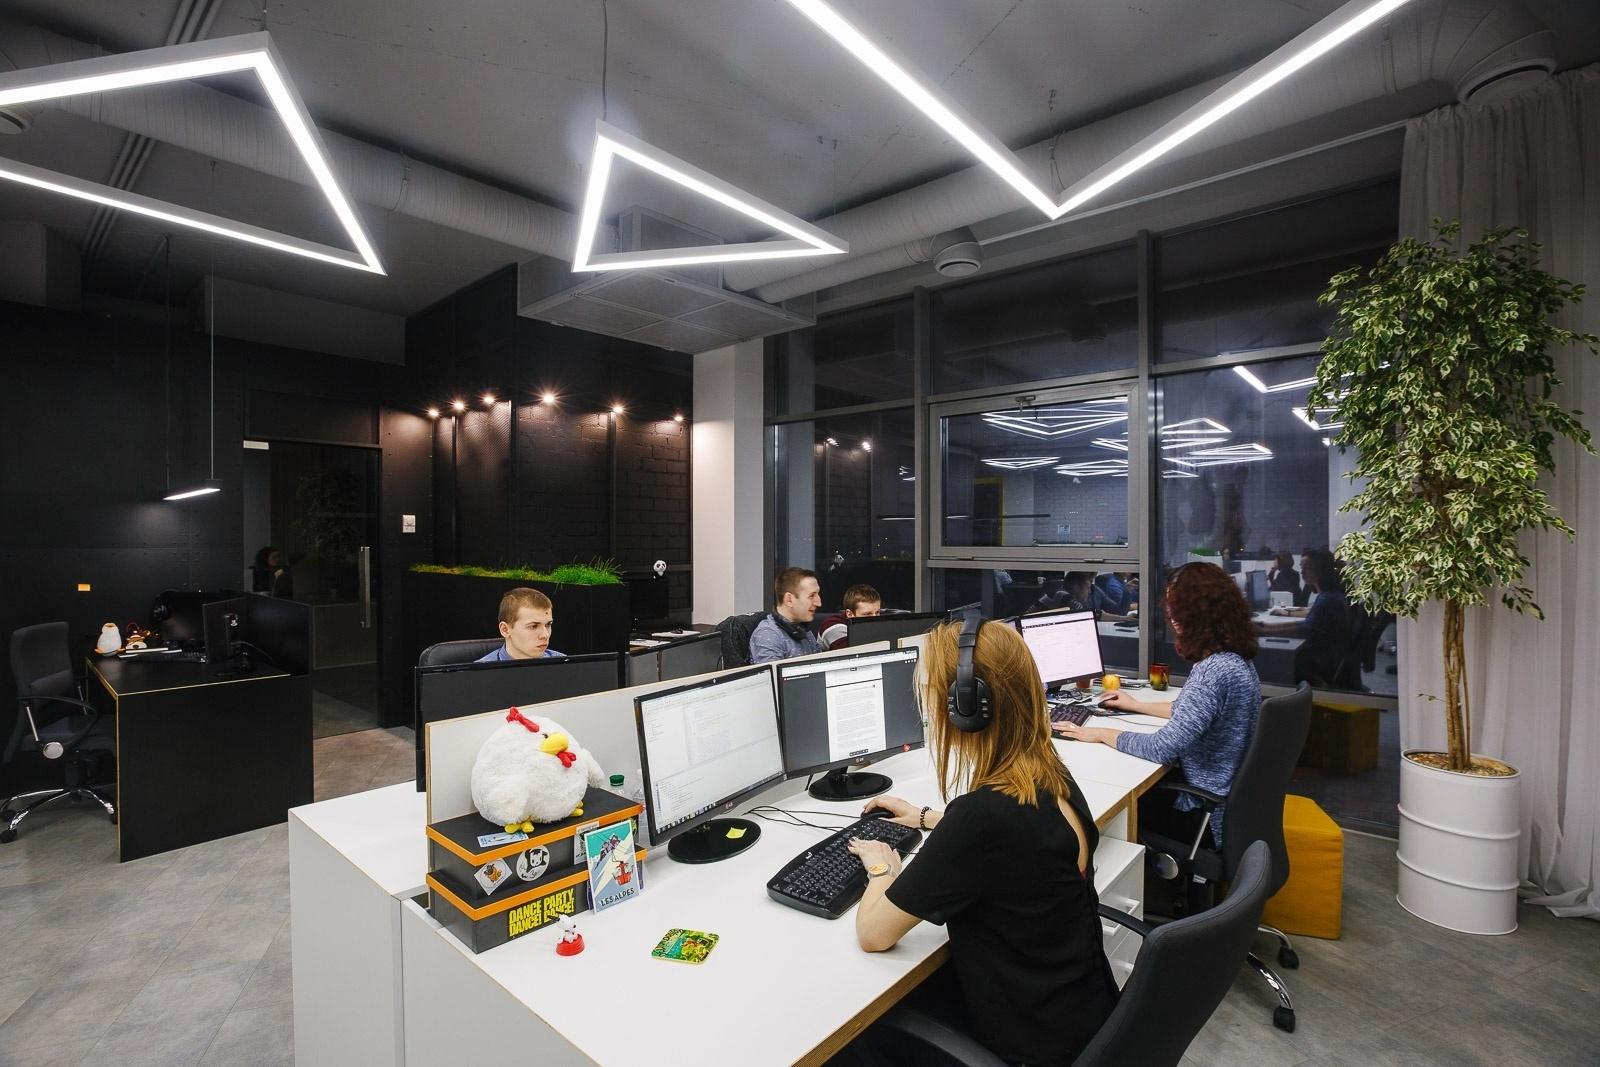 Офис Plarium Kharkiv: здесь мы разрабатываем игры - 34